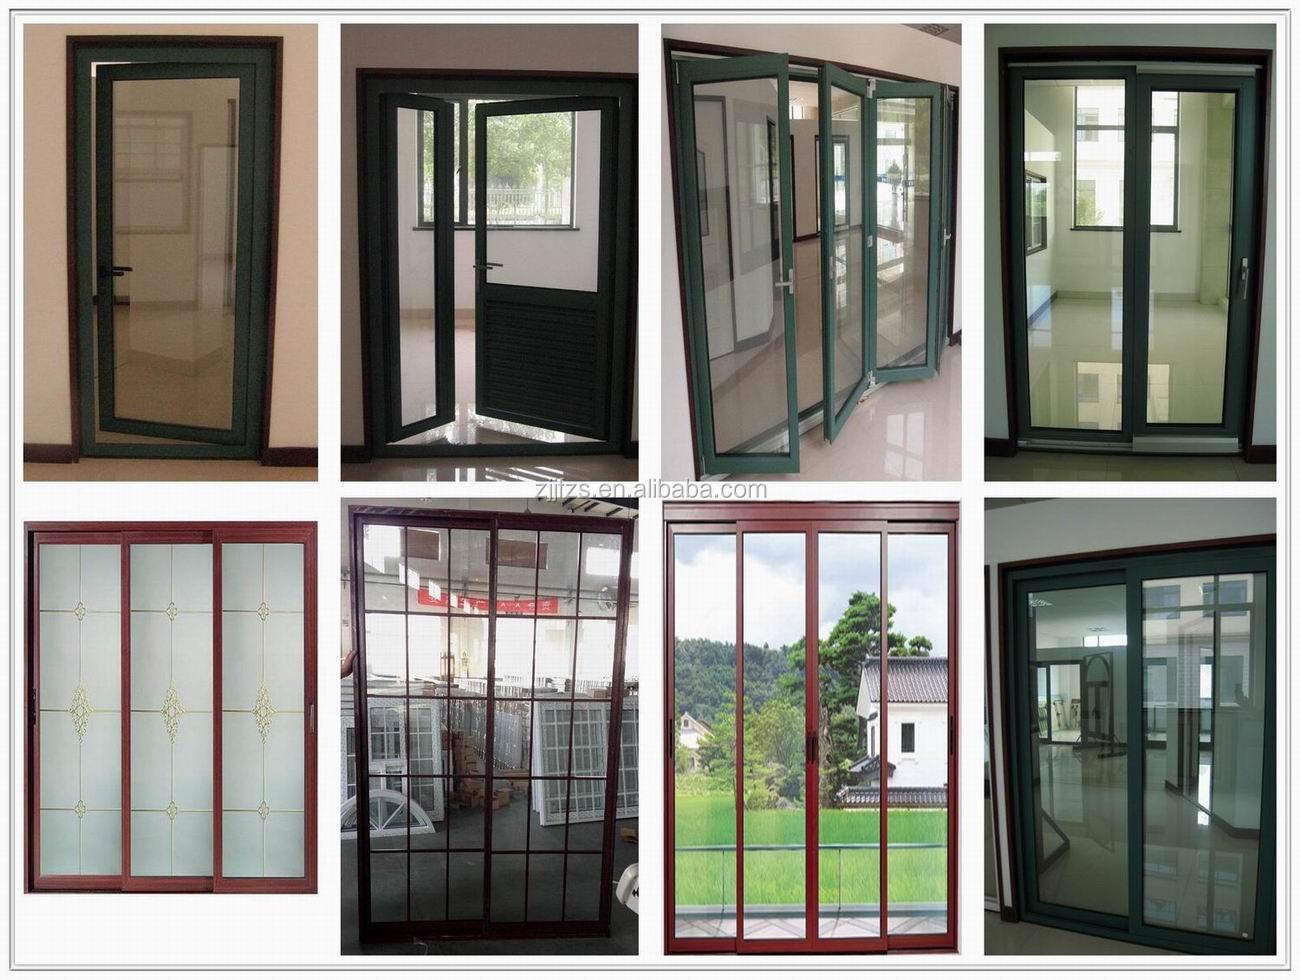 Puertas corredizas de aluminio para exteriores for Puertas corredizas aluminio para exterior